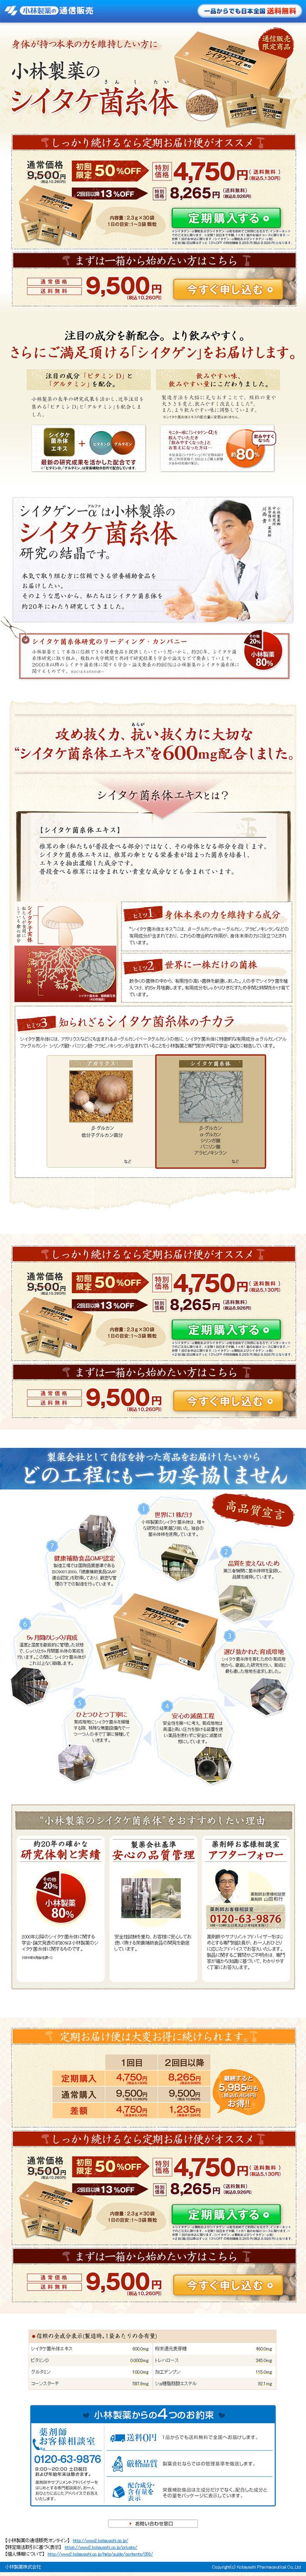 小林製薬様の「シイタゲン-α」のランディングページ(LP)信頼・安心系|健康・美容食品・サプリ